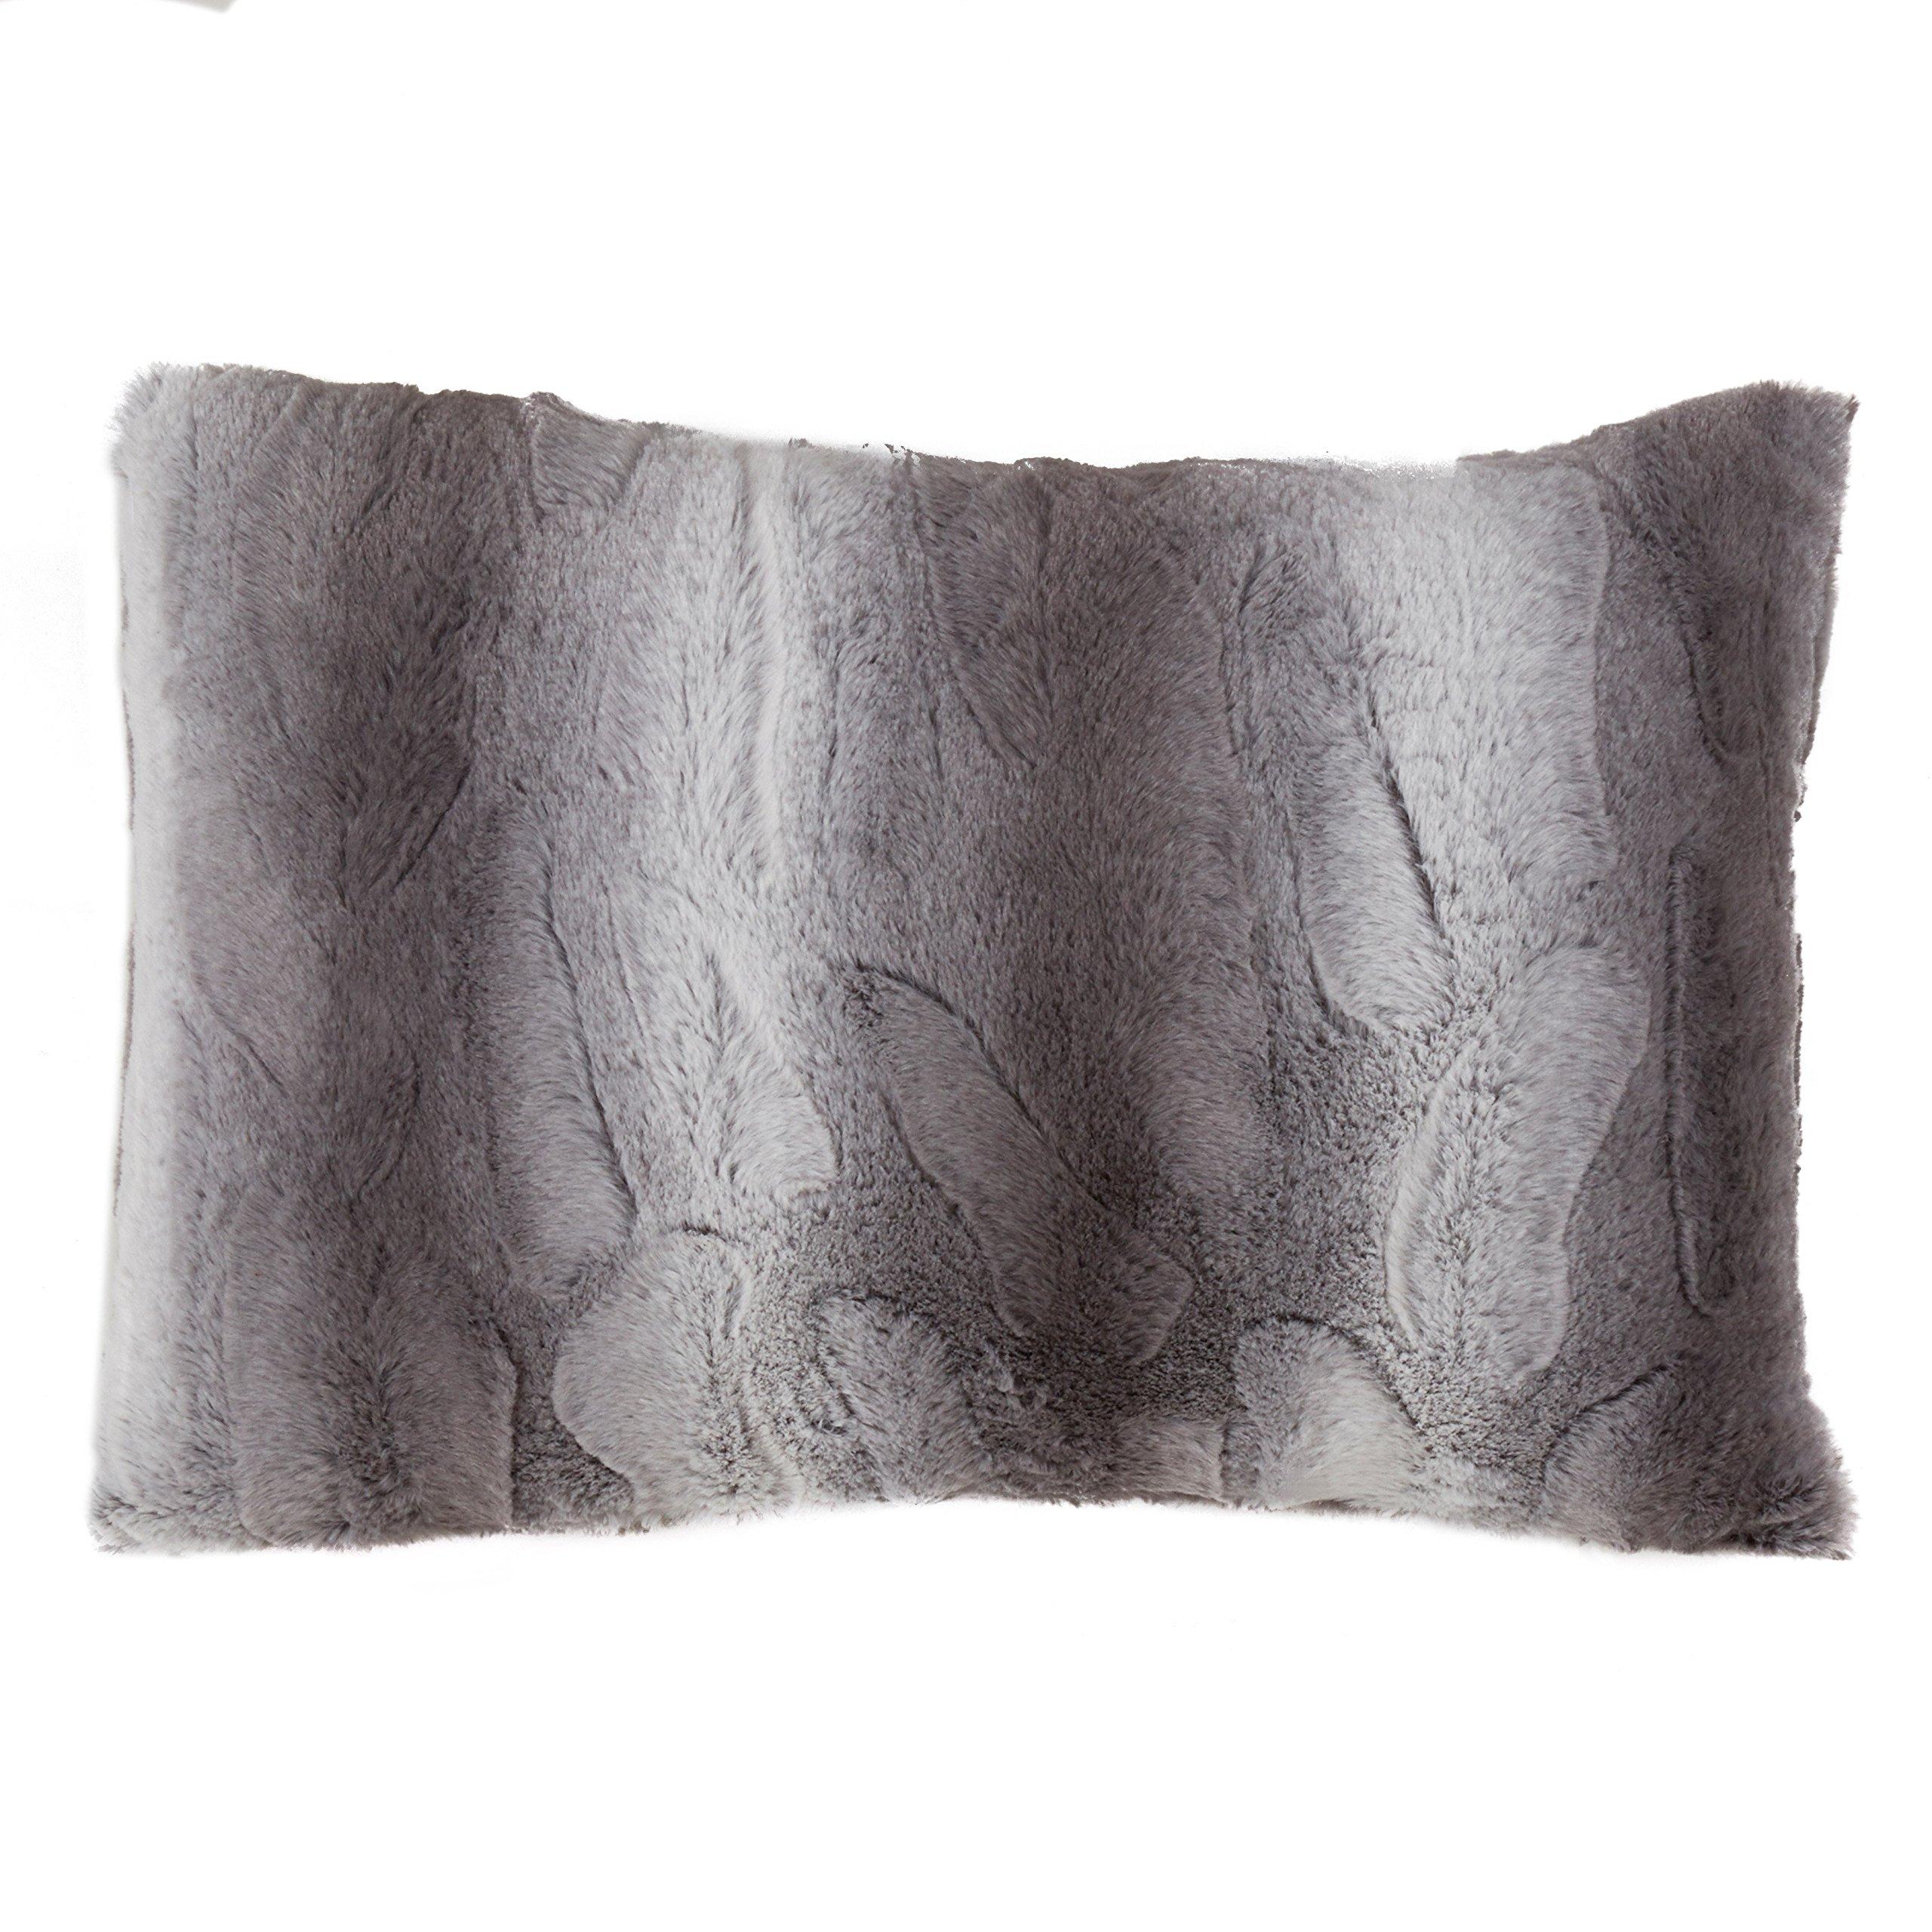 SARO LIFESTYLE Wilma Collection Timeless Animal Print Faux Fur Poly Filled Throw Pillow, 14'' x 20'', Grey